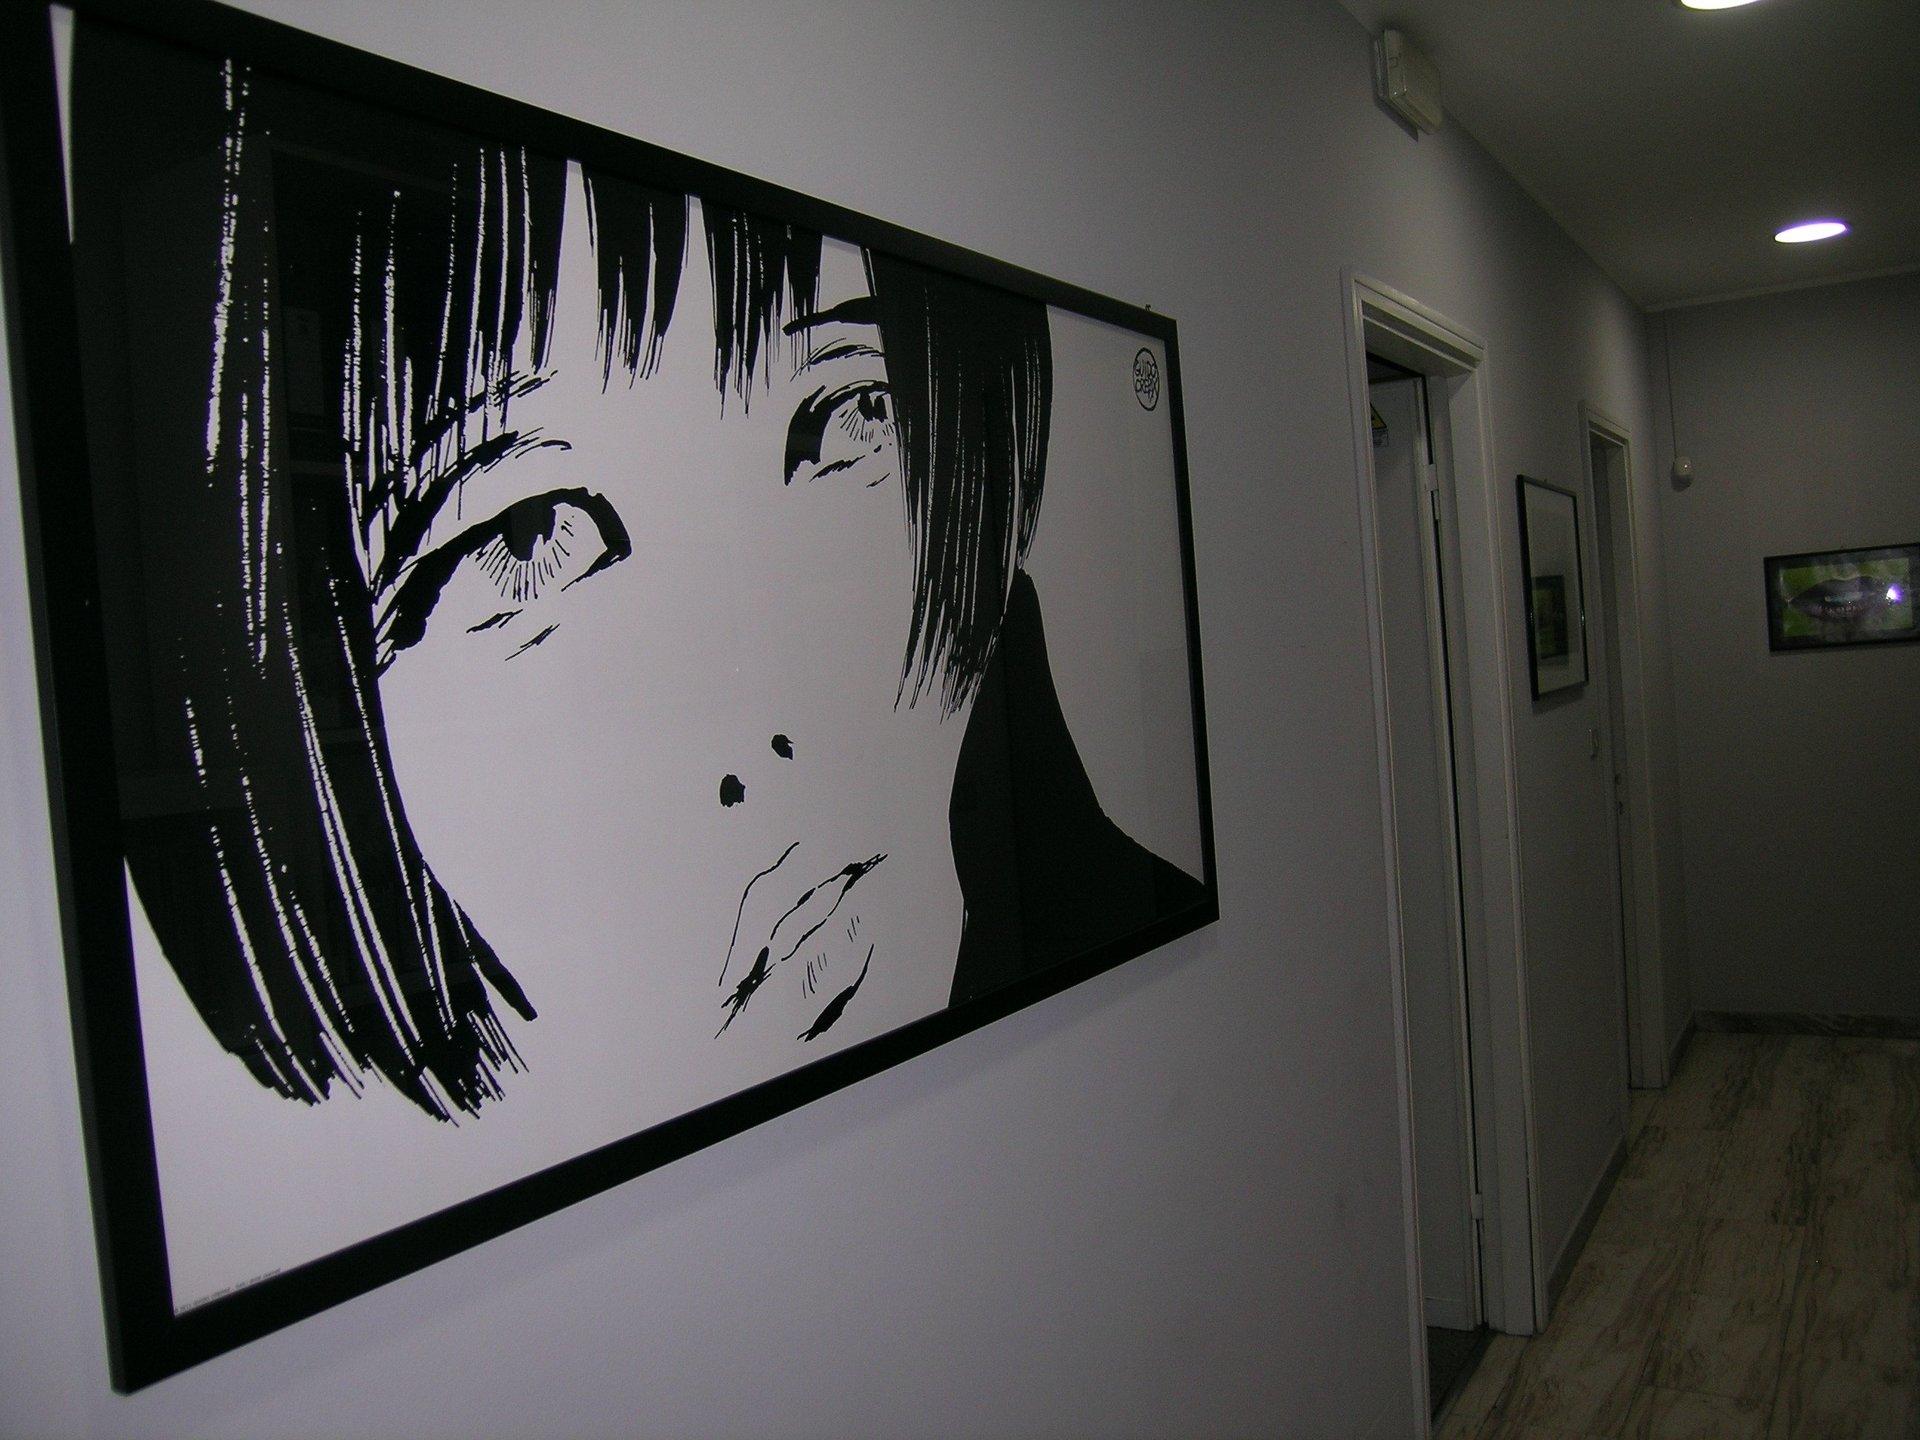 Un quadro in stile Mino Manara